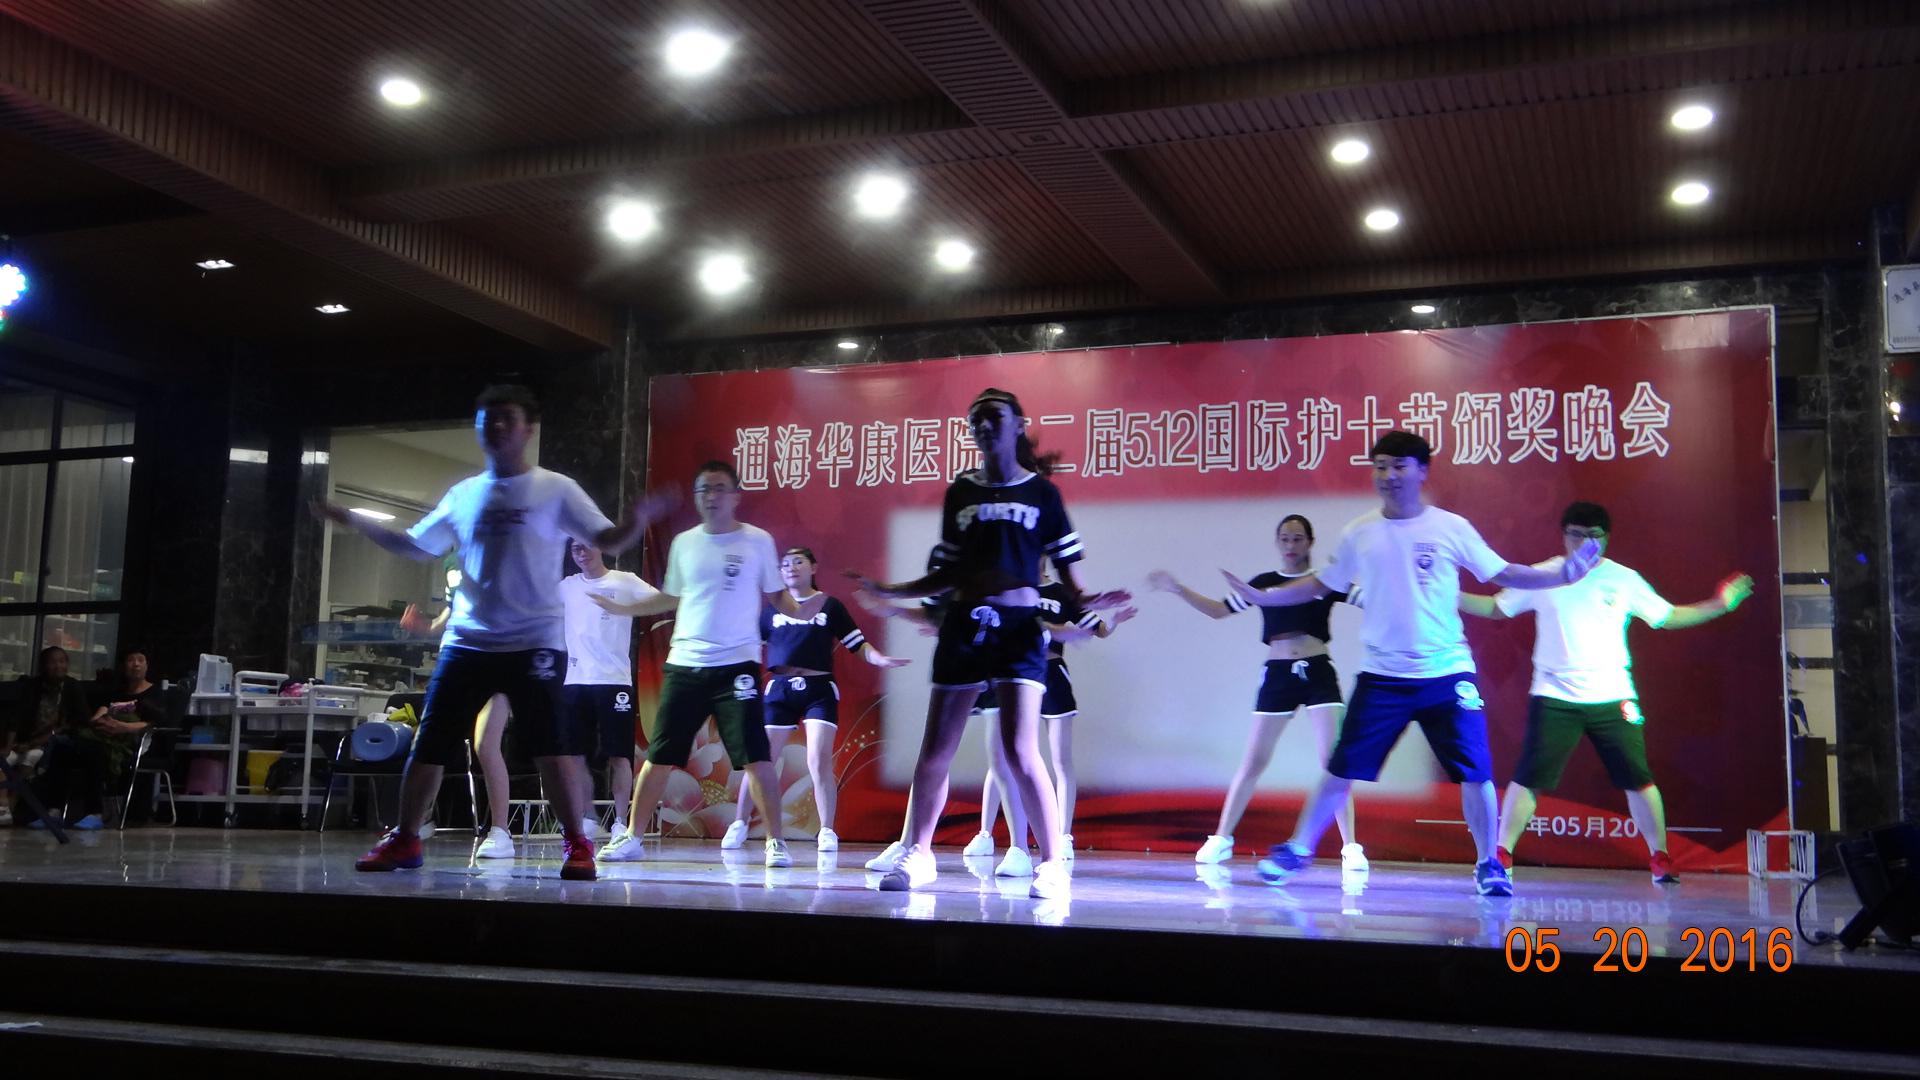 通海华康医院2016年512颁奖晚会全程